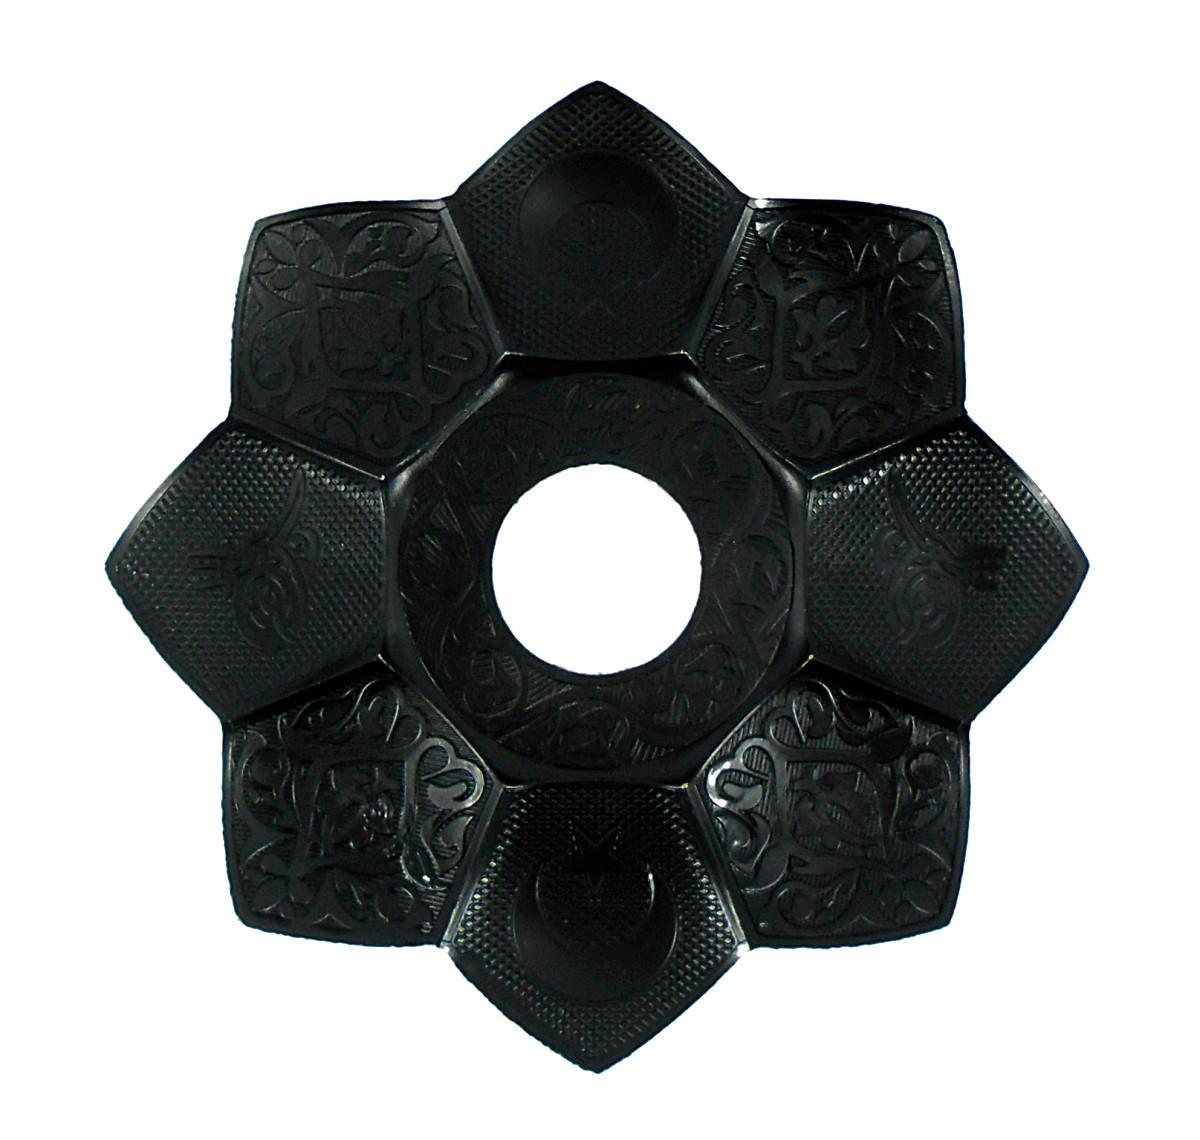 Prato para narguile marca Md Hookah 21cm de diâmetro. Em metal inox e decorado. Cor PRETO.